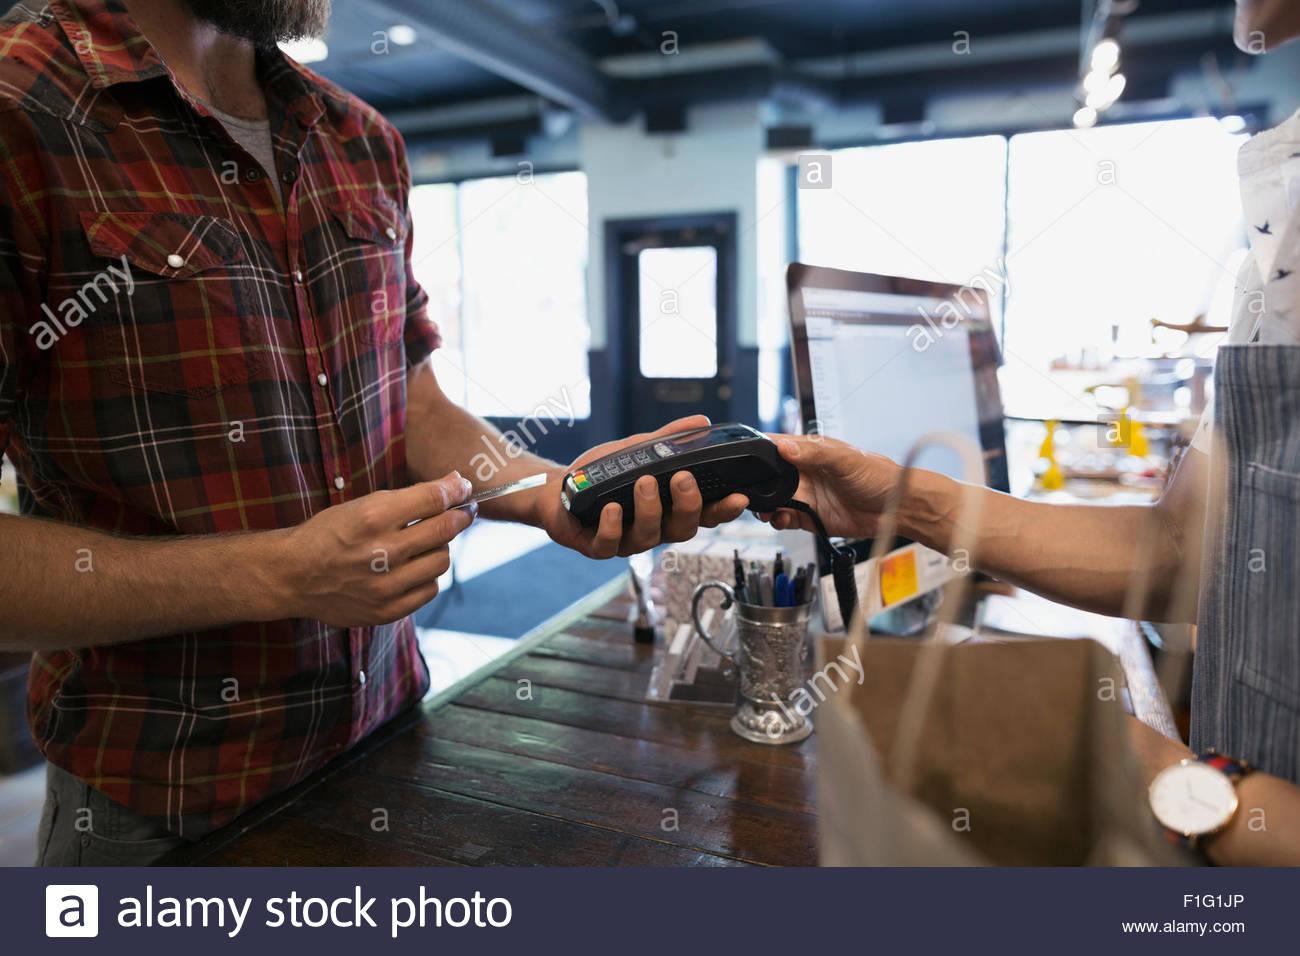 Man zahlt mit Kreditkarte Reader im shop Stockbild